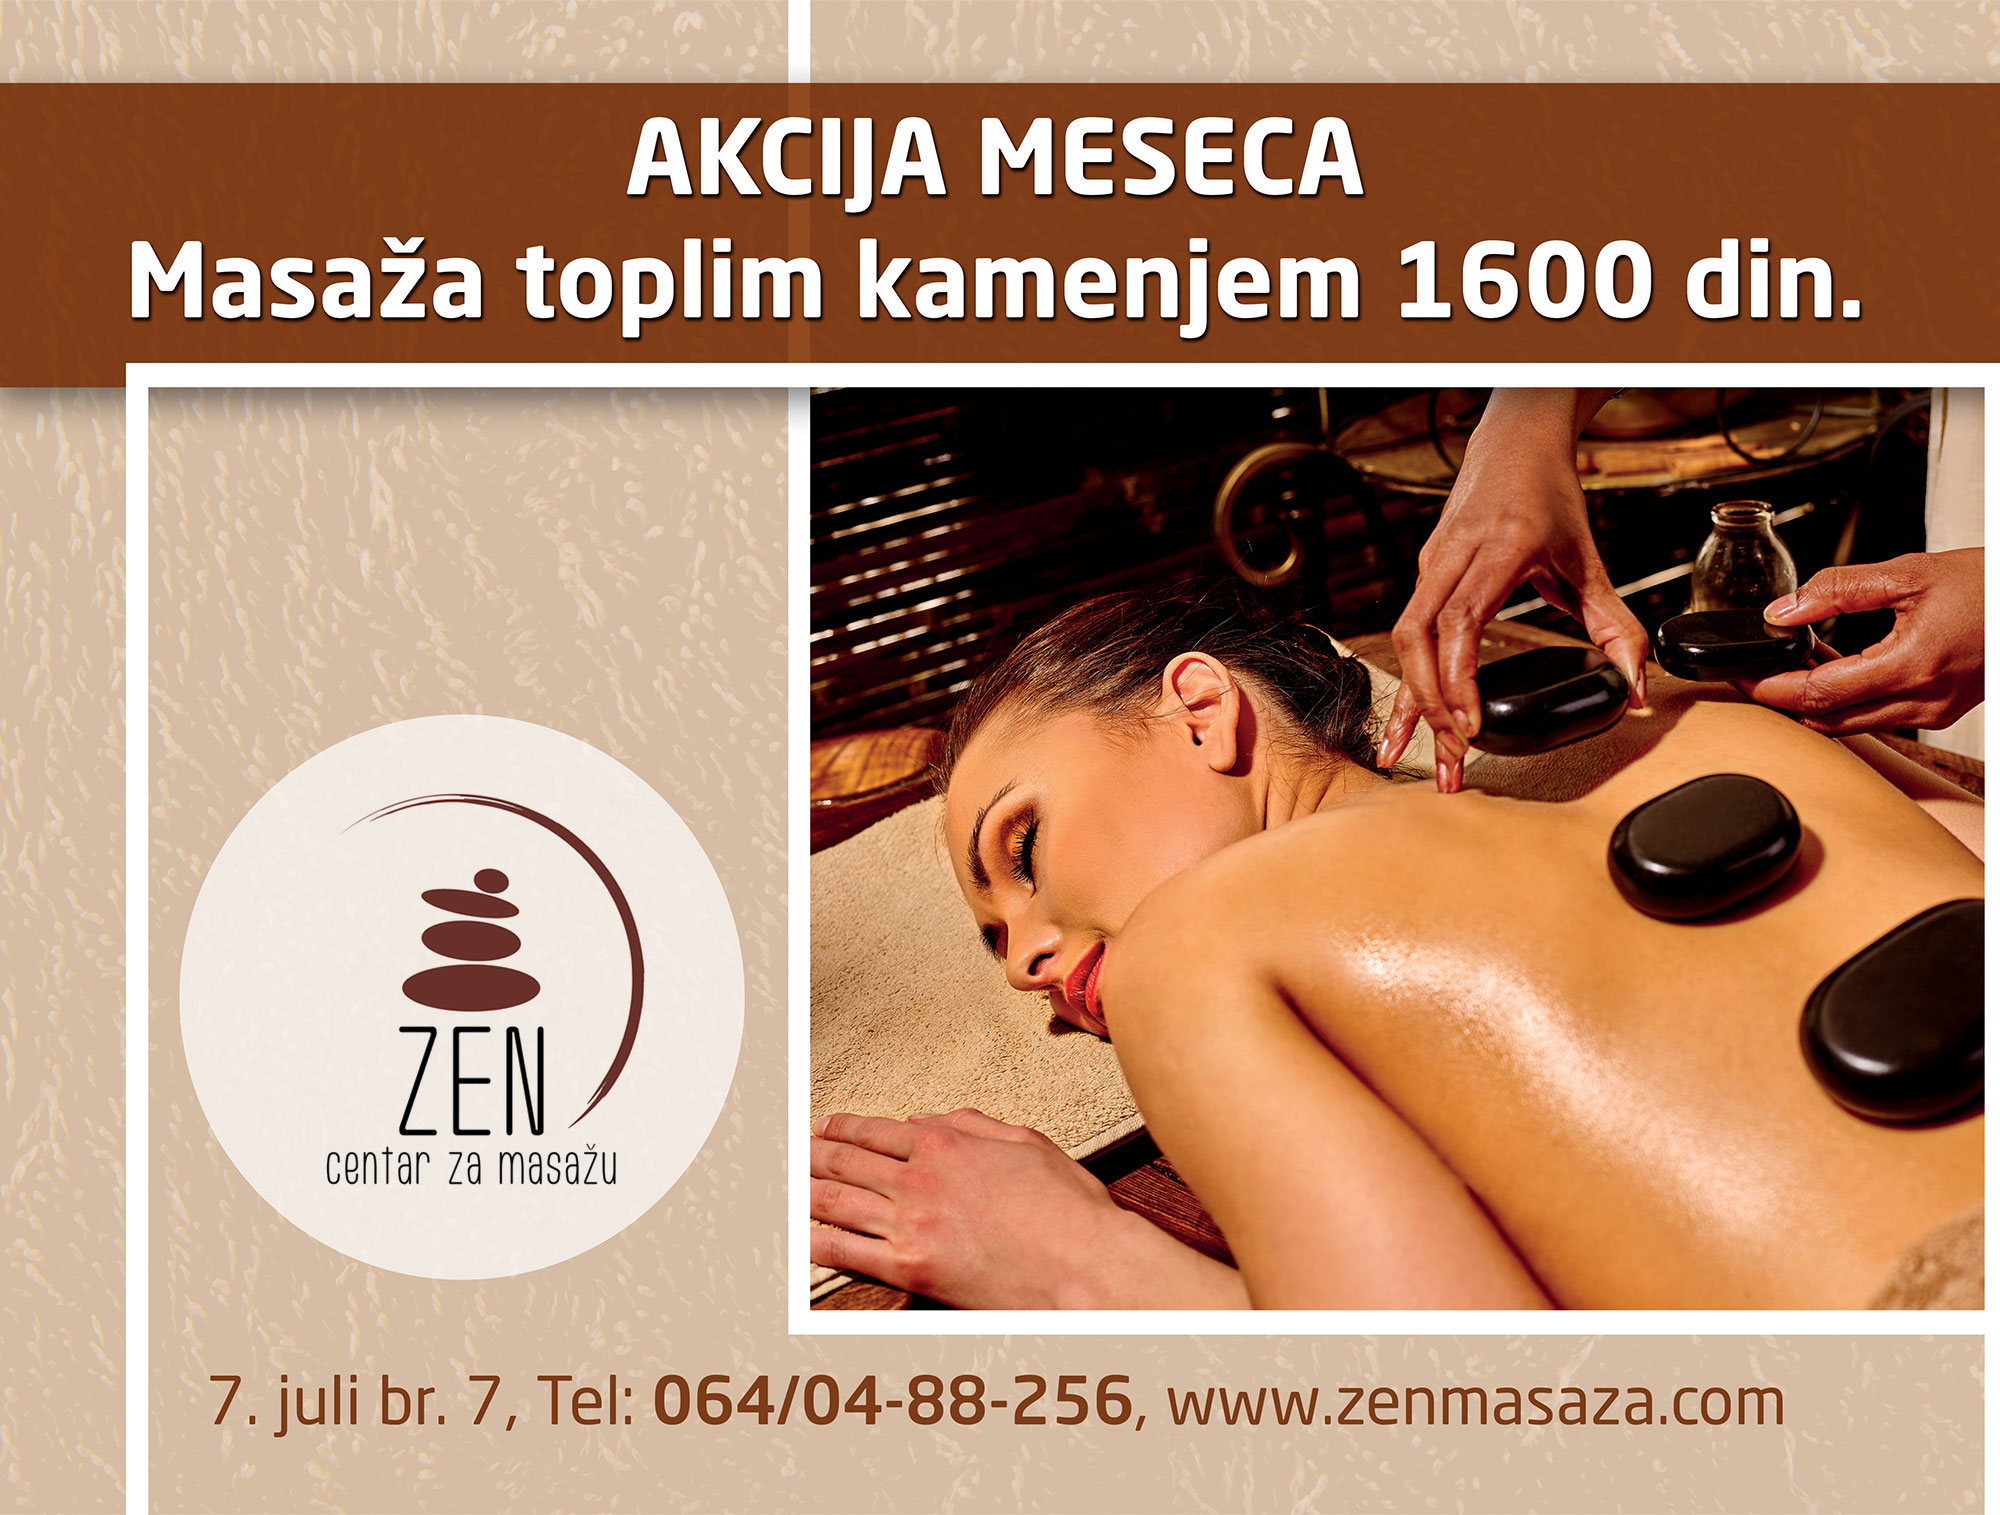 zen poster 5